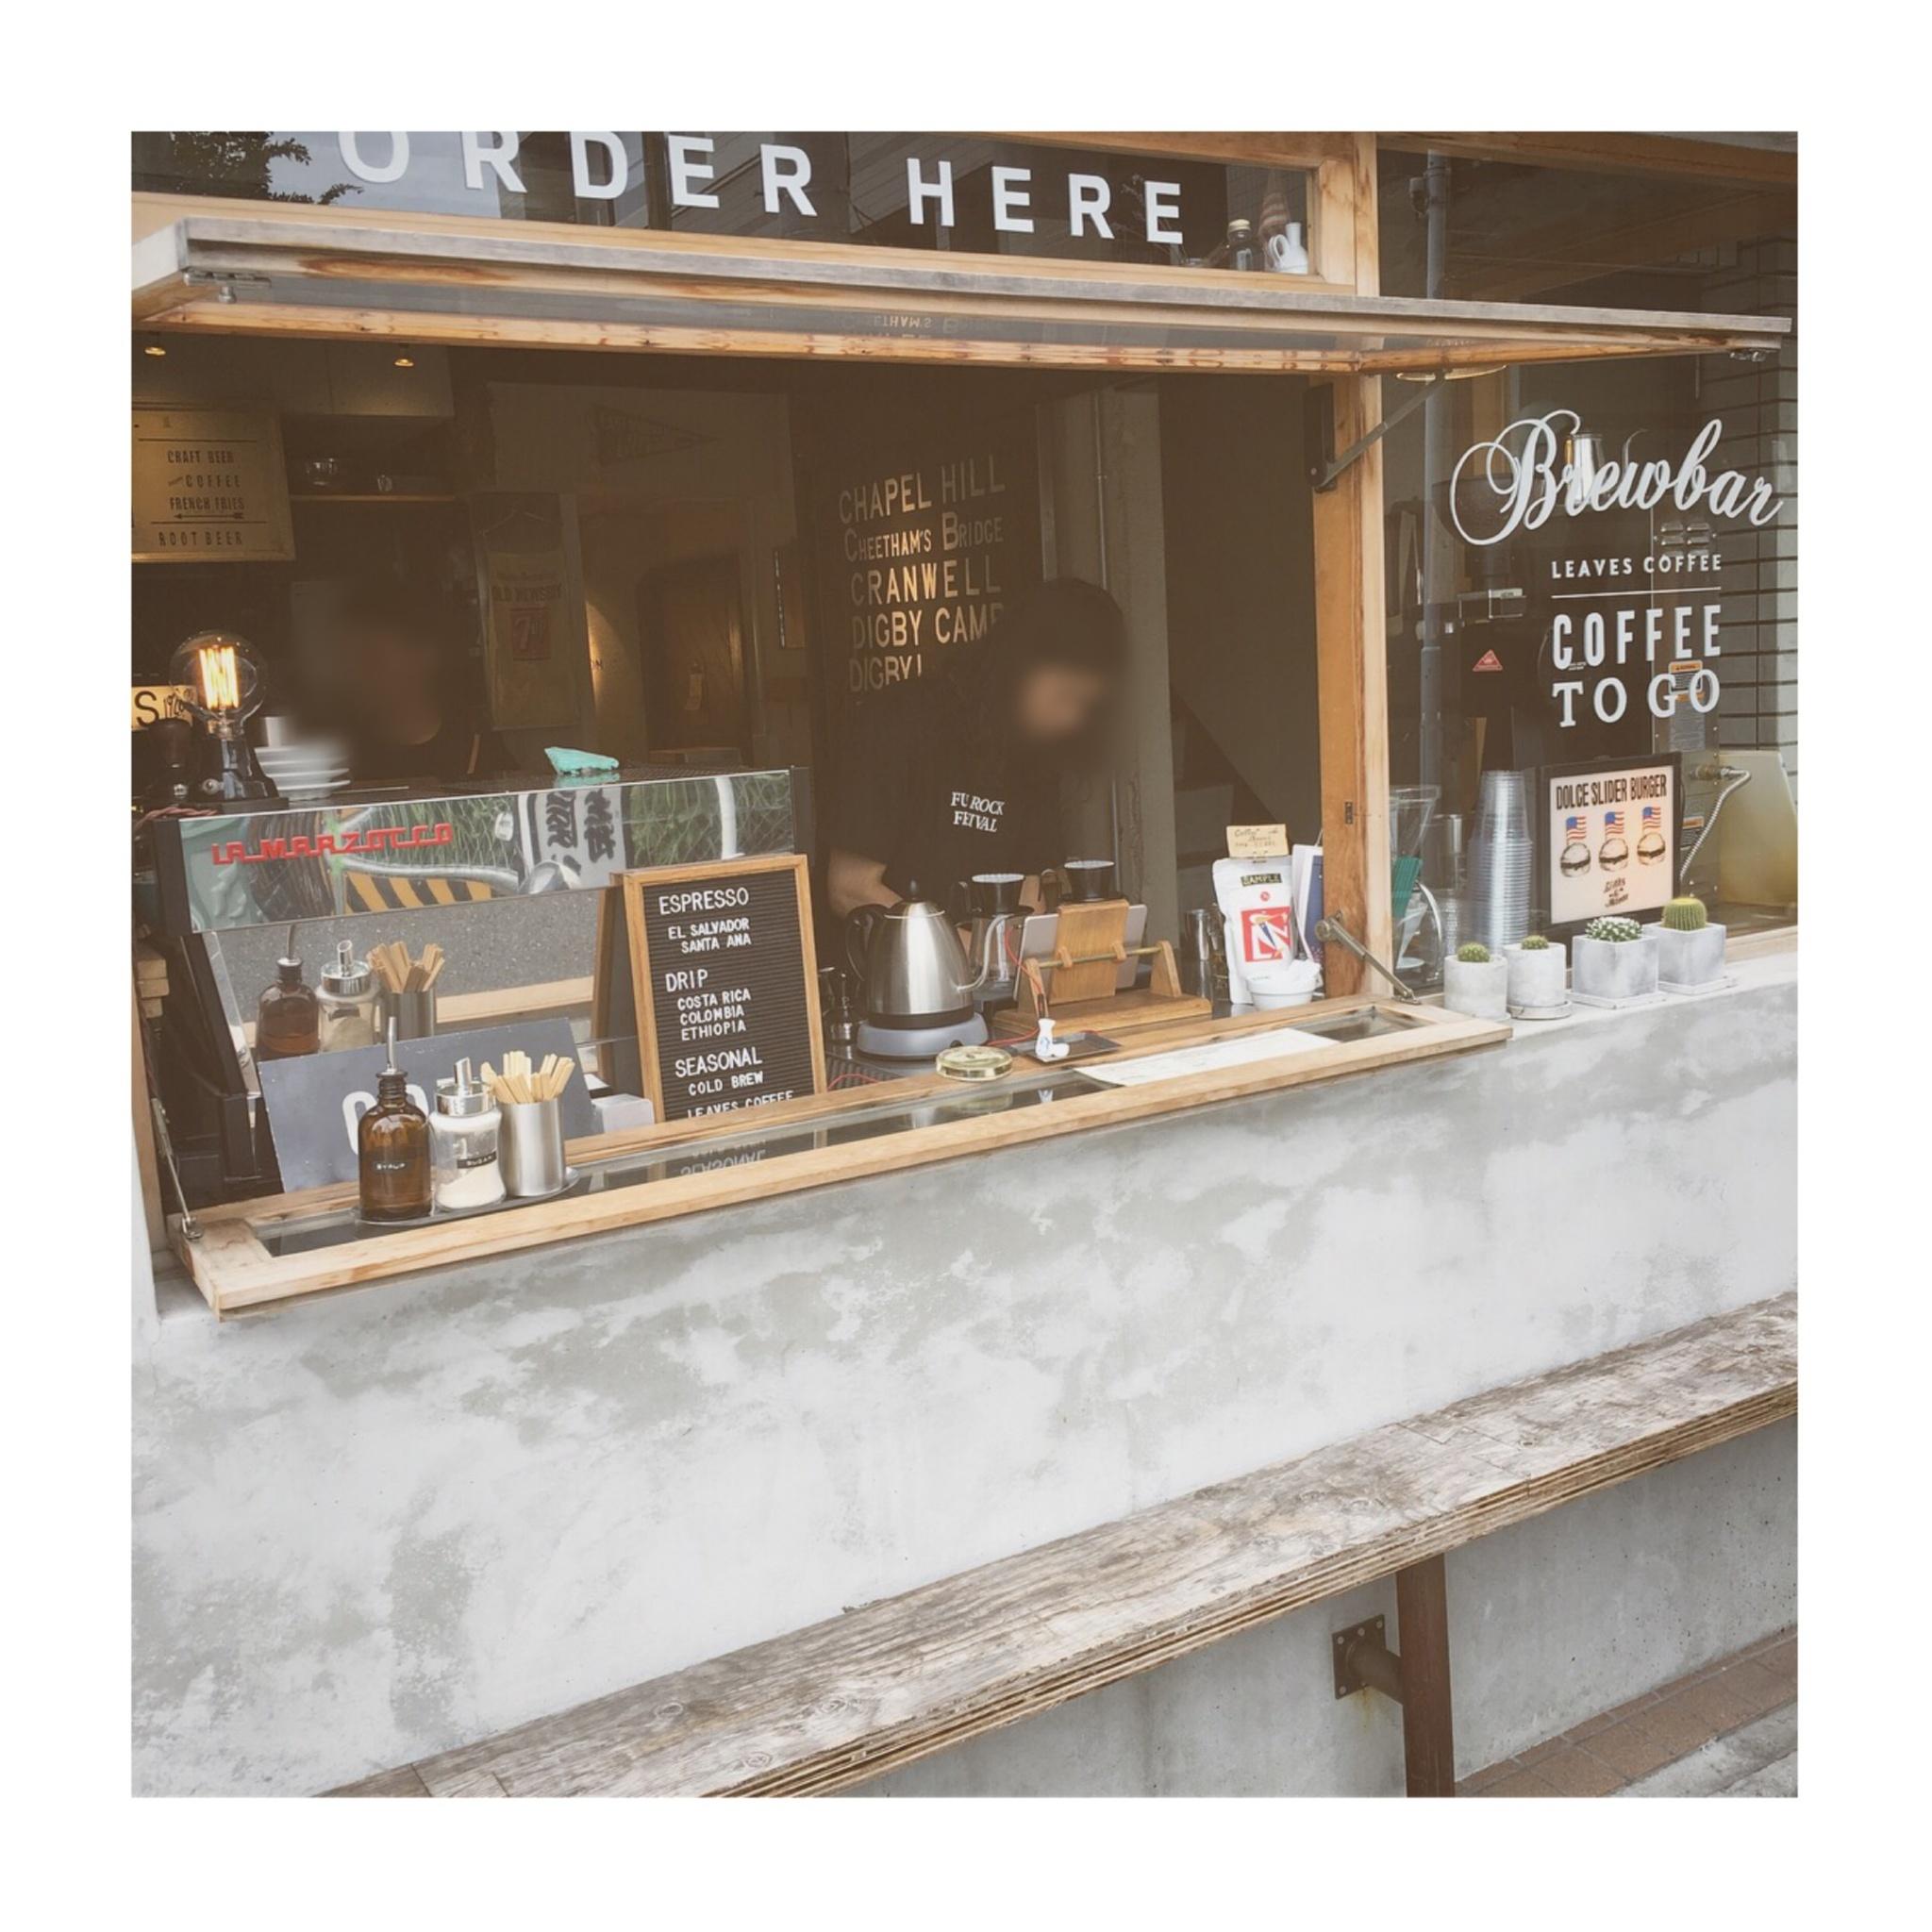 """《ご当地MORE✩東京》【蔵前】で寄りたい!本格的でお洒落なコーヒースタンド""""LEAVES COFFEE APARTMENT""""に行ってきました✌︎❤️_3"""